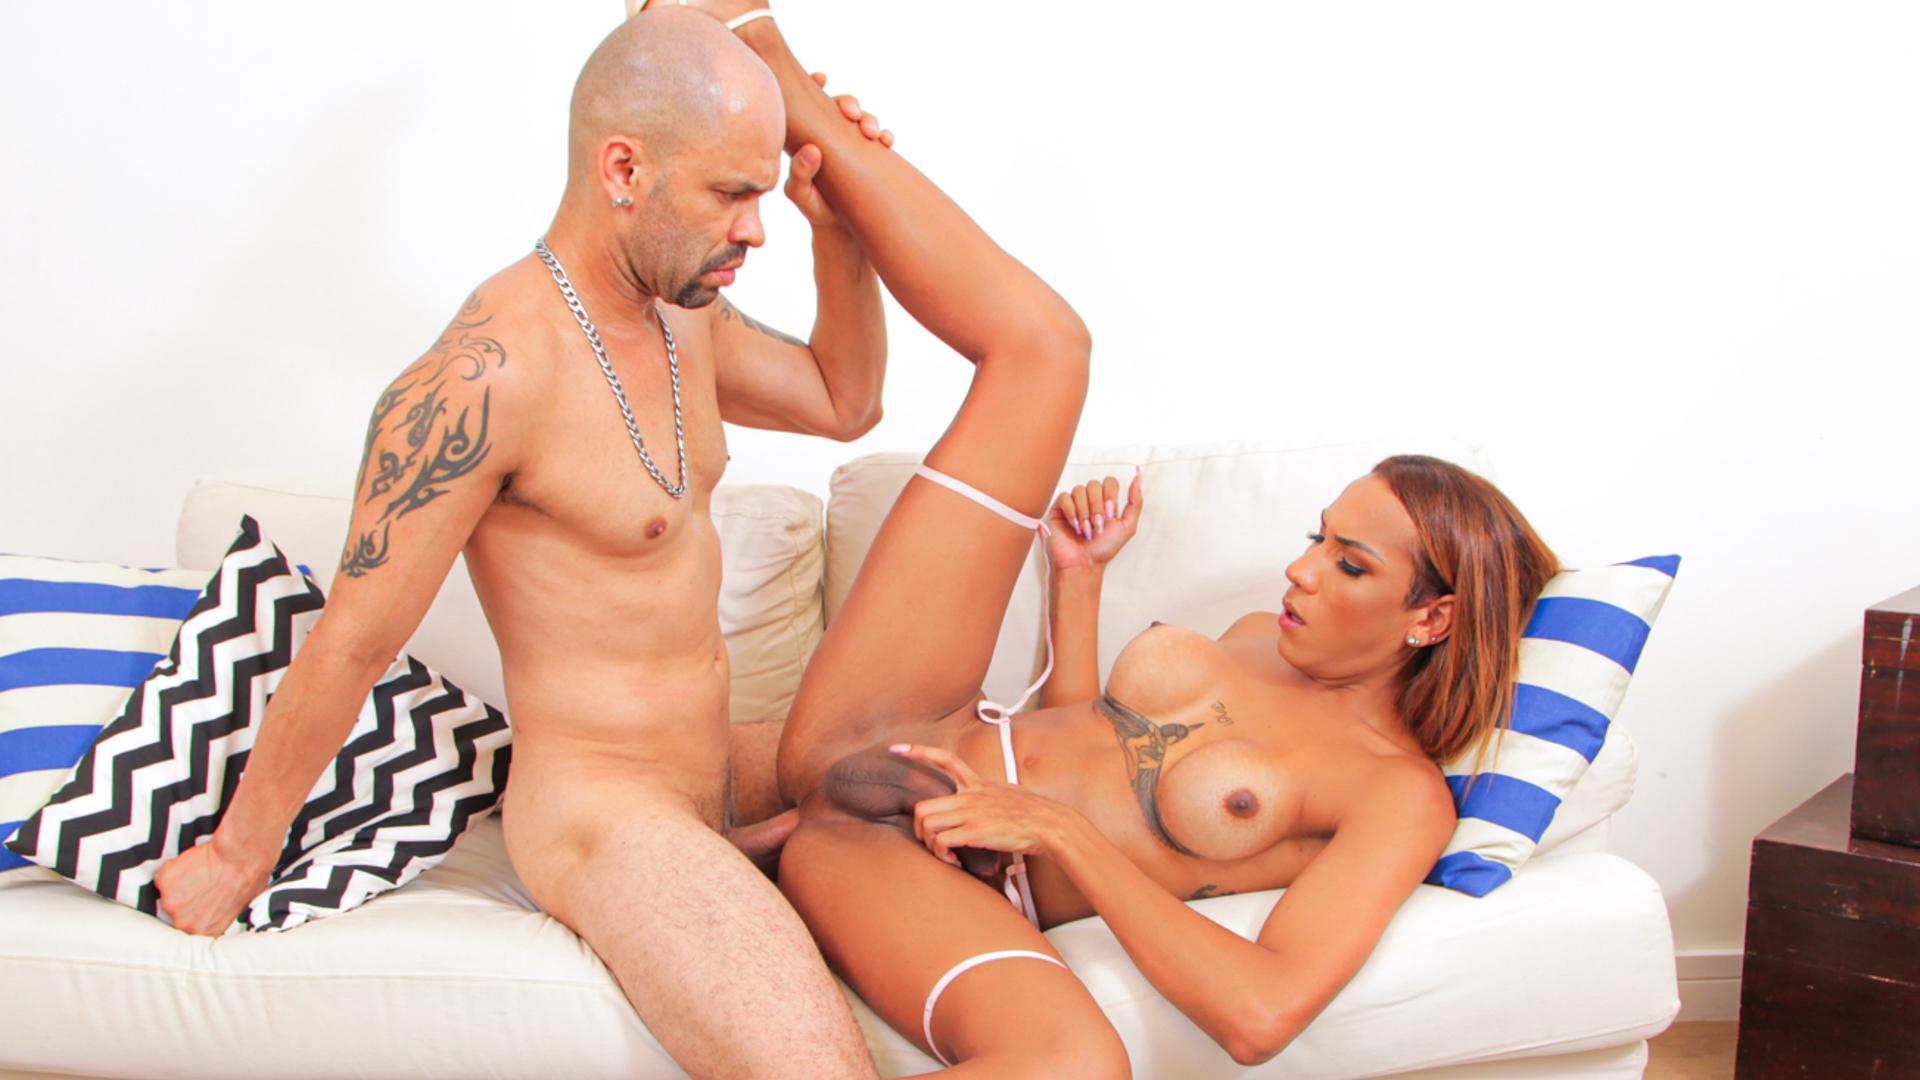 TS Maria Flavia + Stud: BJs, Anal, Cum